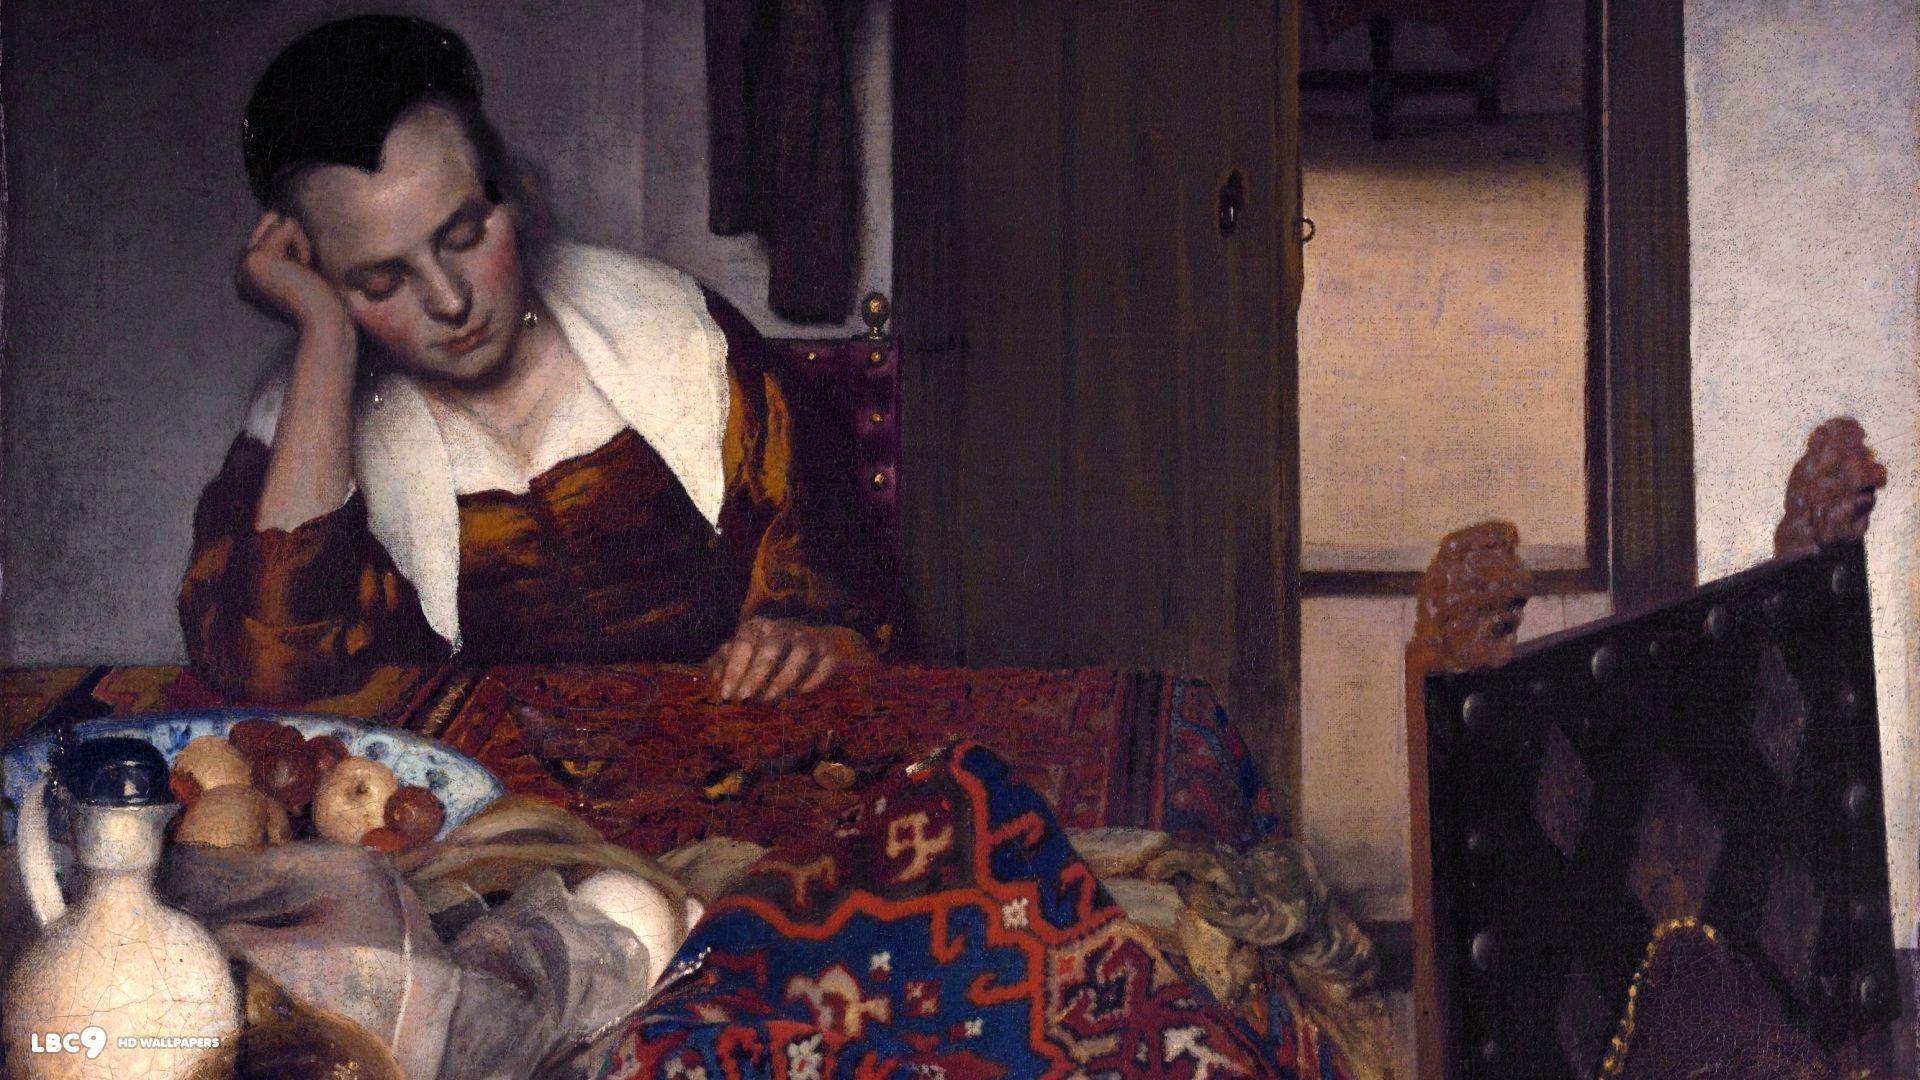 johannes vermeer wallpaper 1/16 | paintings hd backgrounds